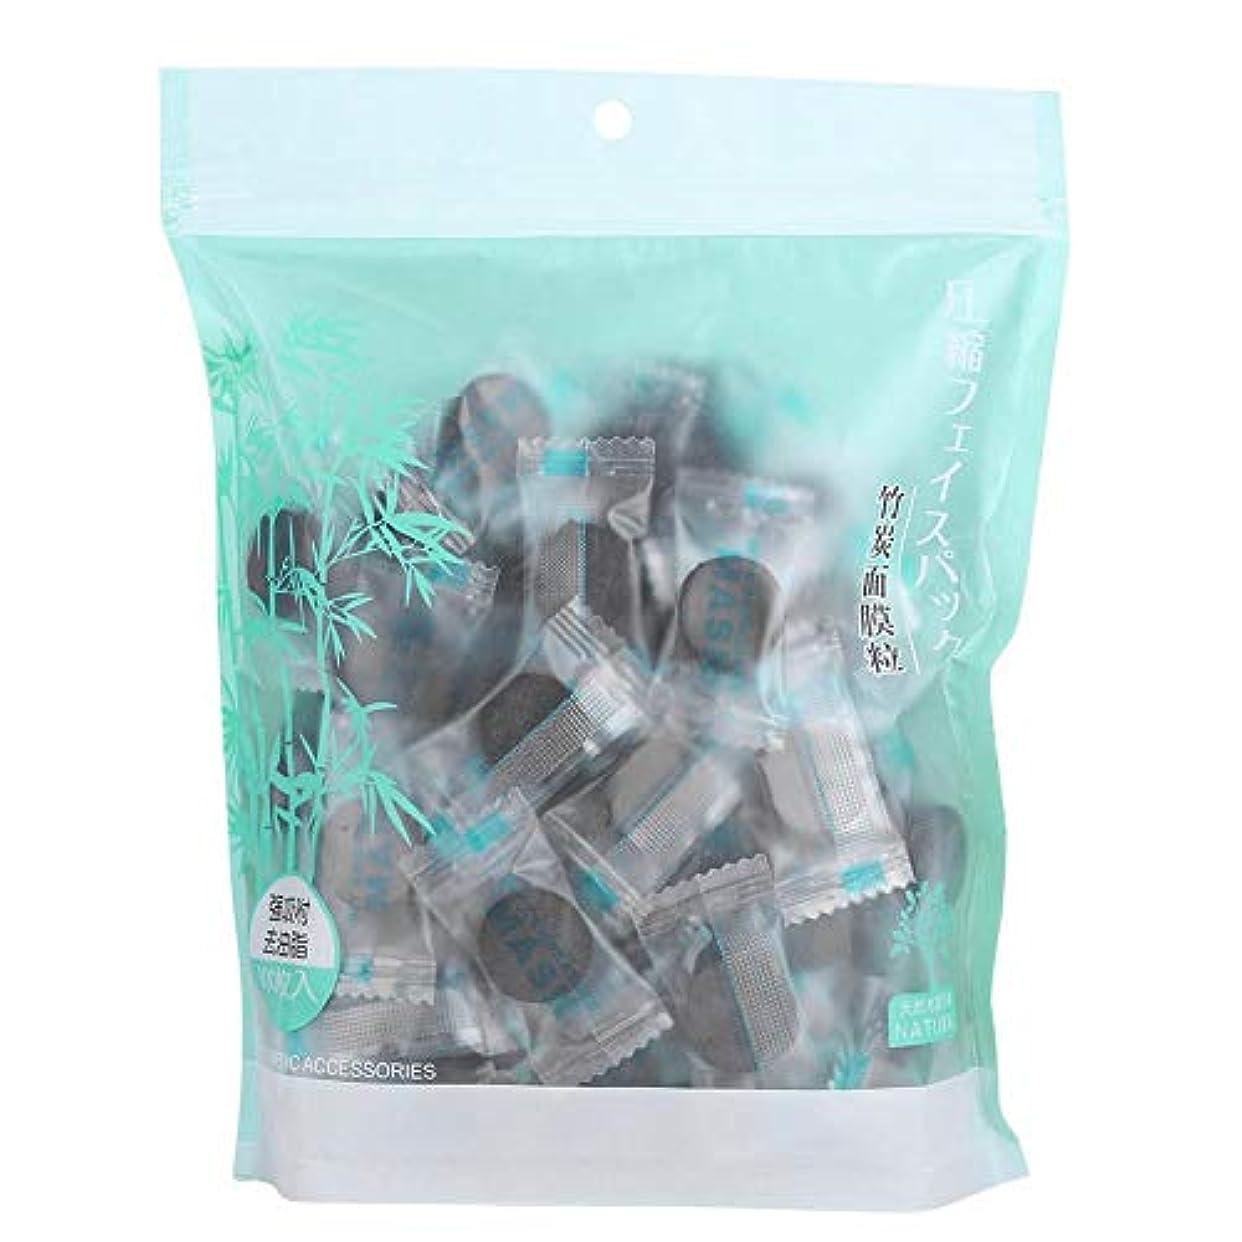 成分委任する貨物圧縮フェイスマスク メラニンの吸着と保湿と保湿のための圧縮マスク使い捨てフェイスマスク100個